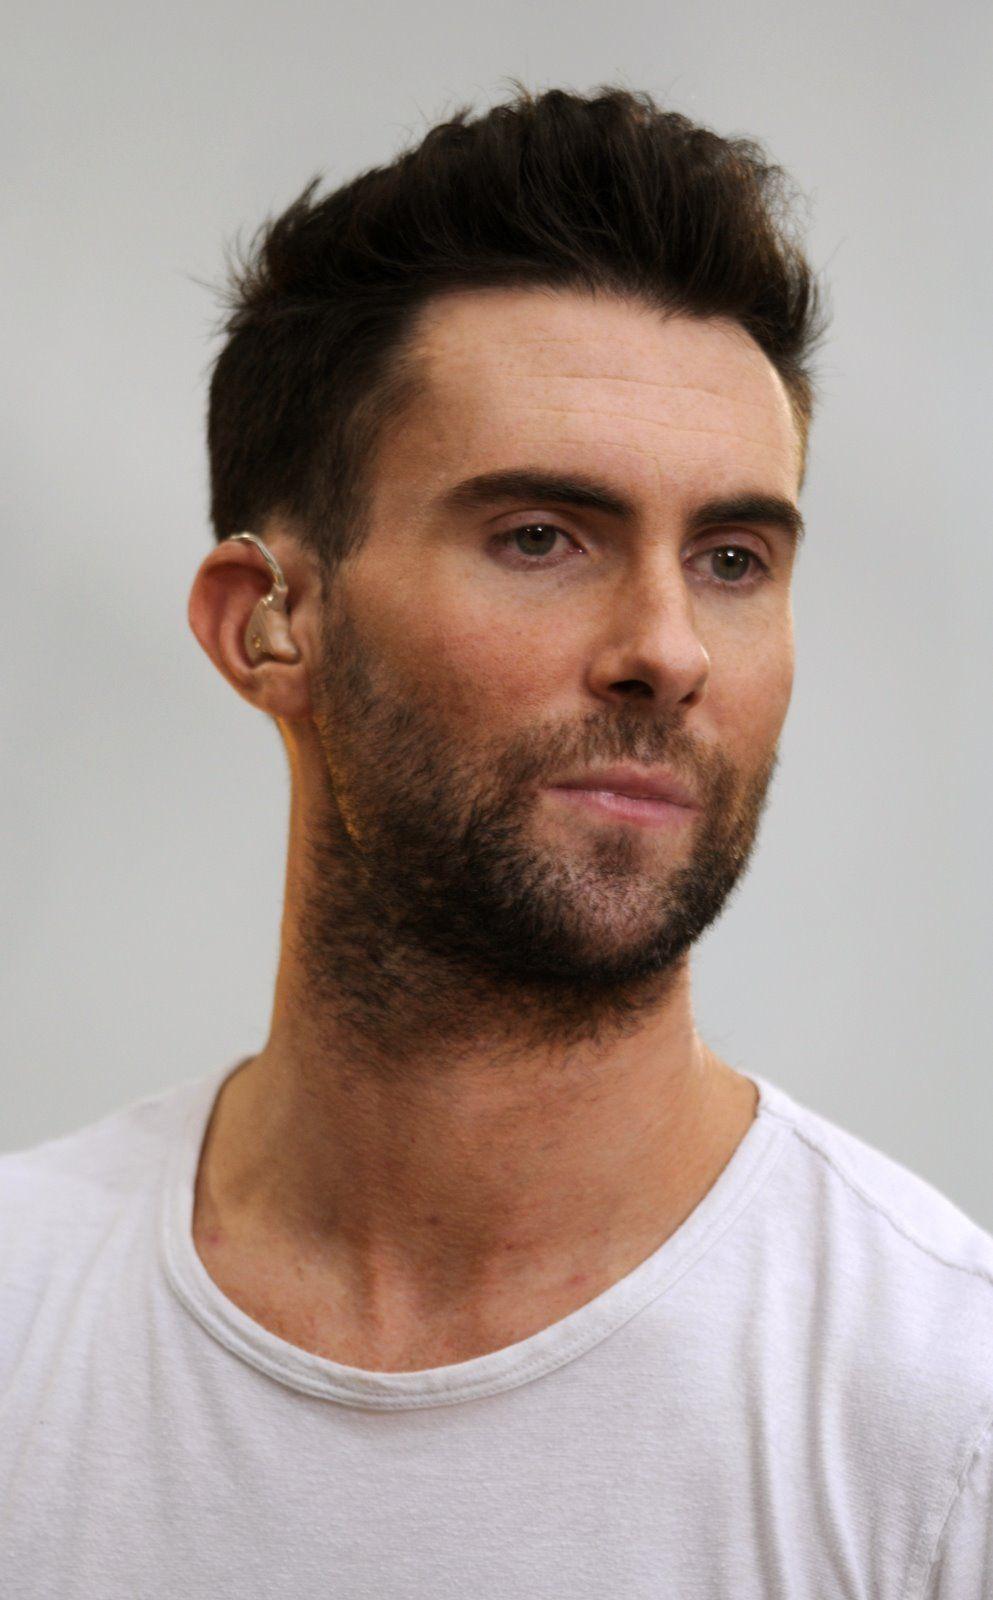 Medium haircuts for men medium haircut for men  haircut ideas for tink  pinterest  medium